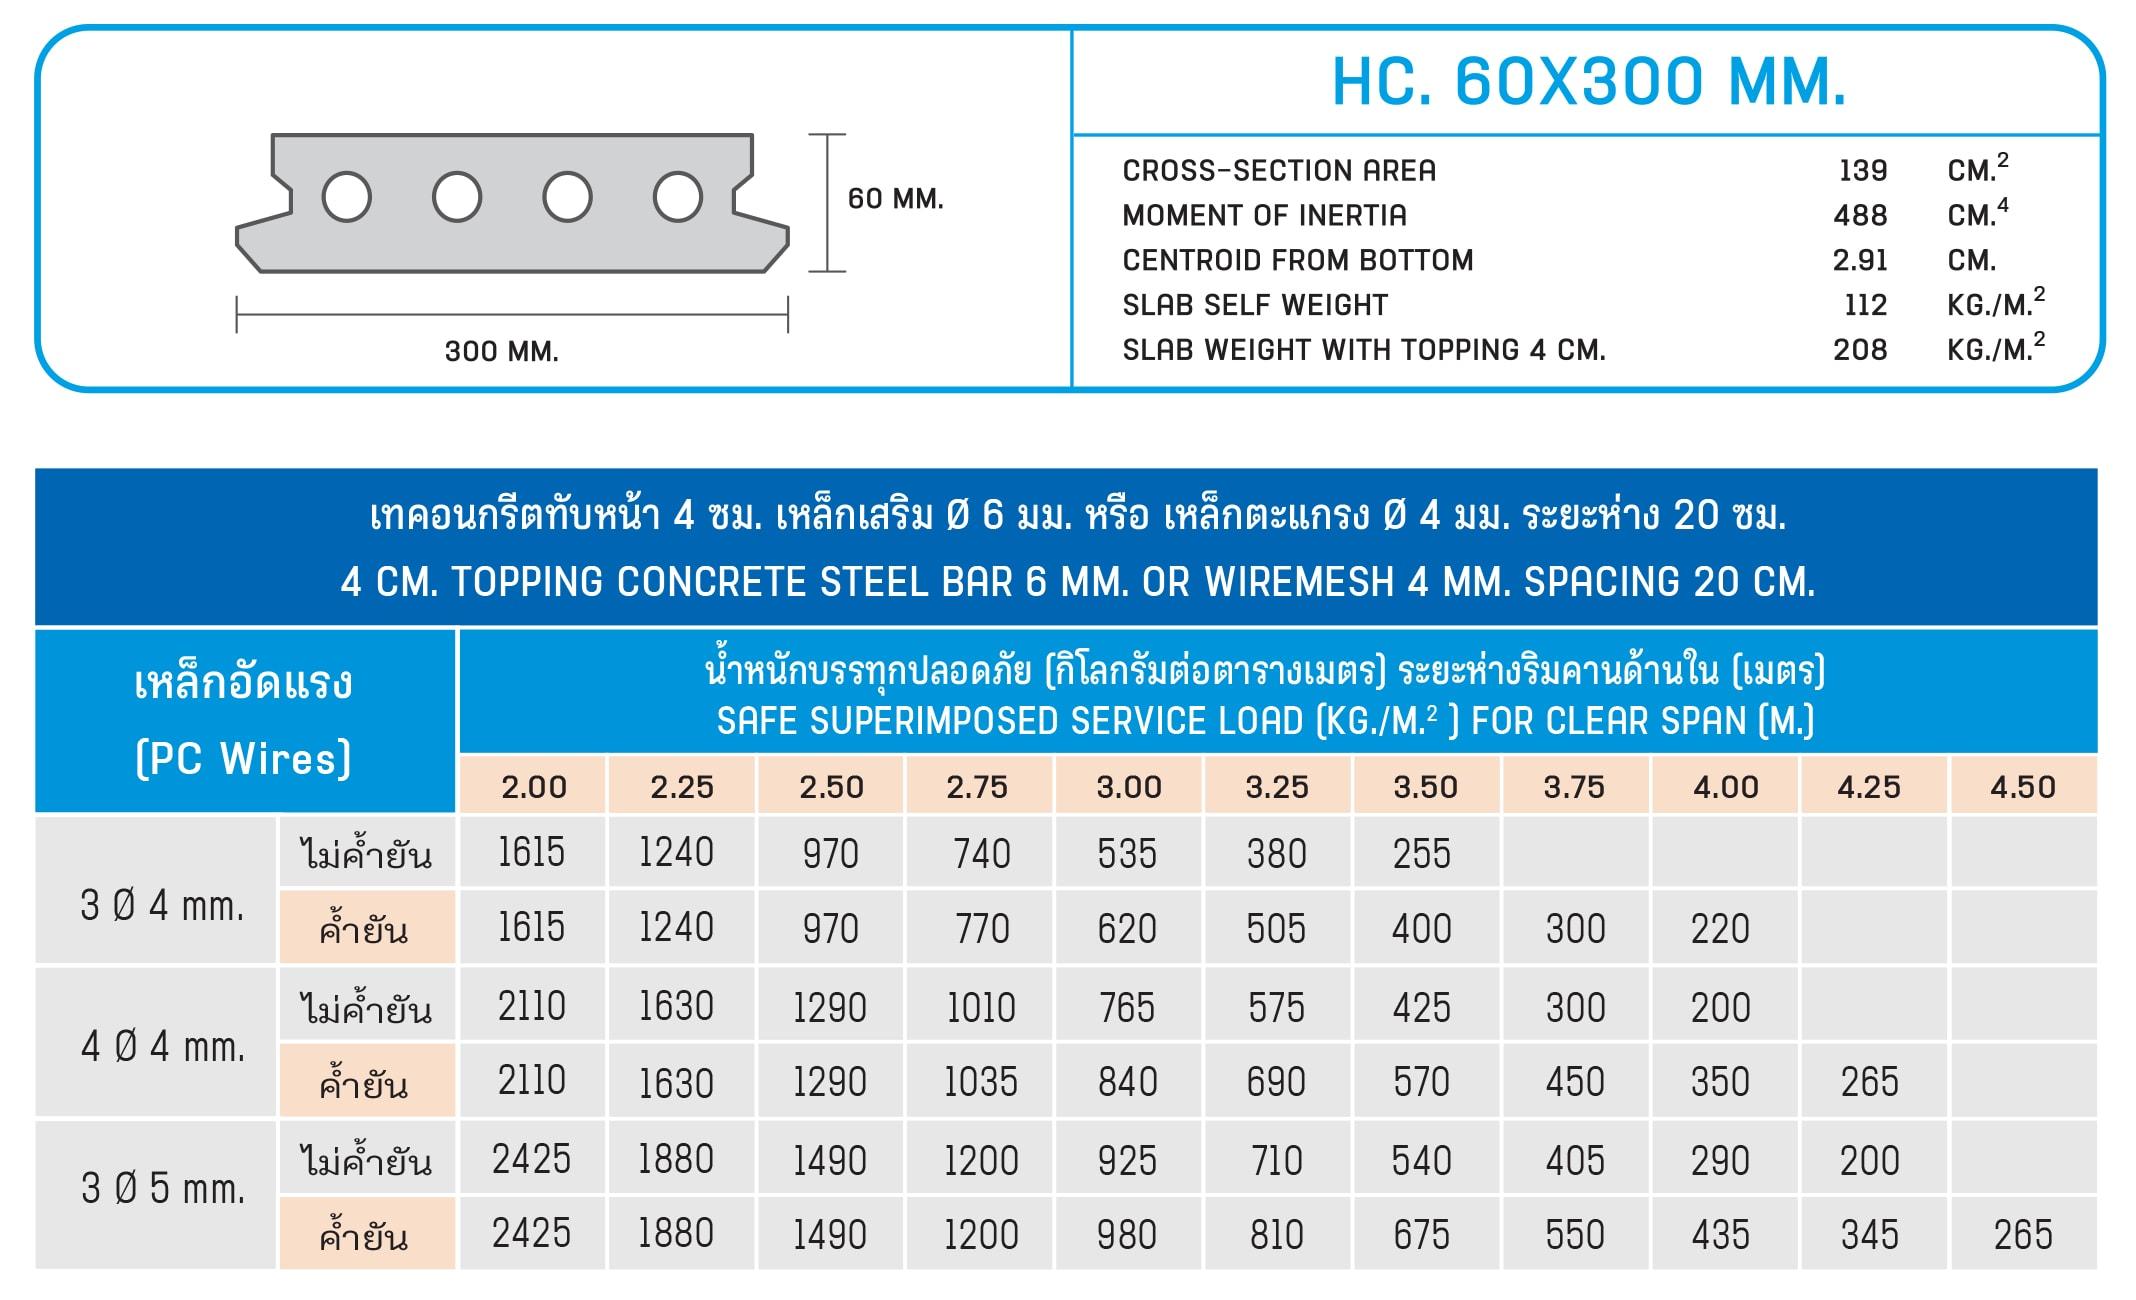 HC. 600x300 MM